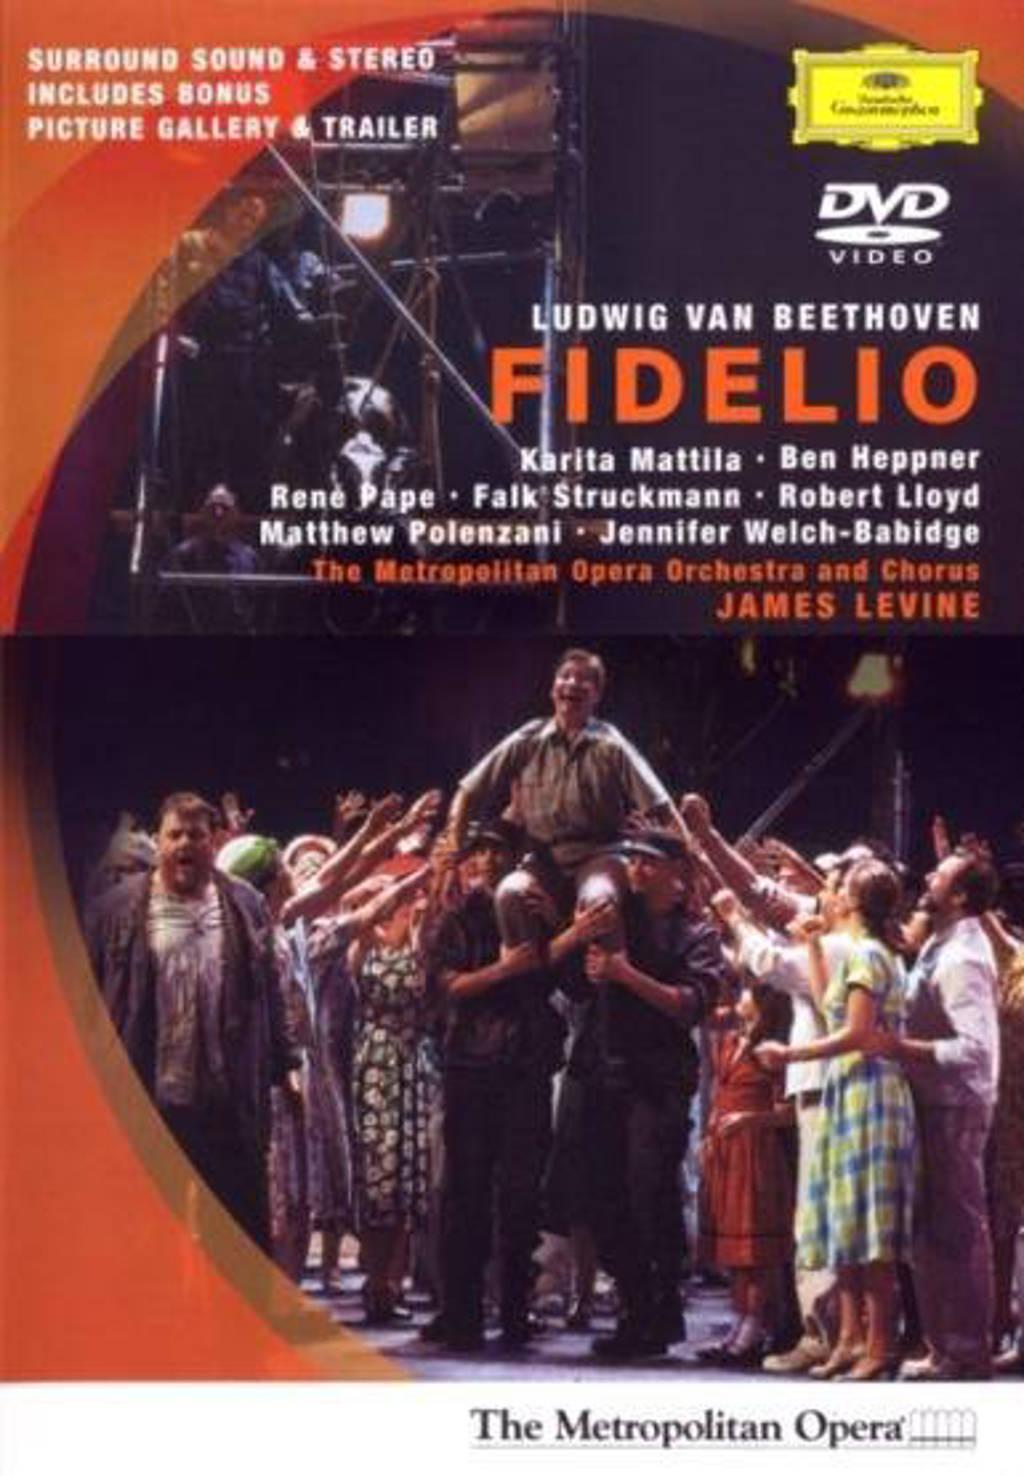 Beethoven - fidelio (DVD)